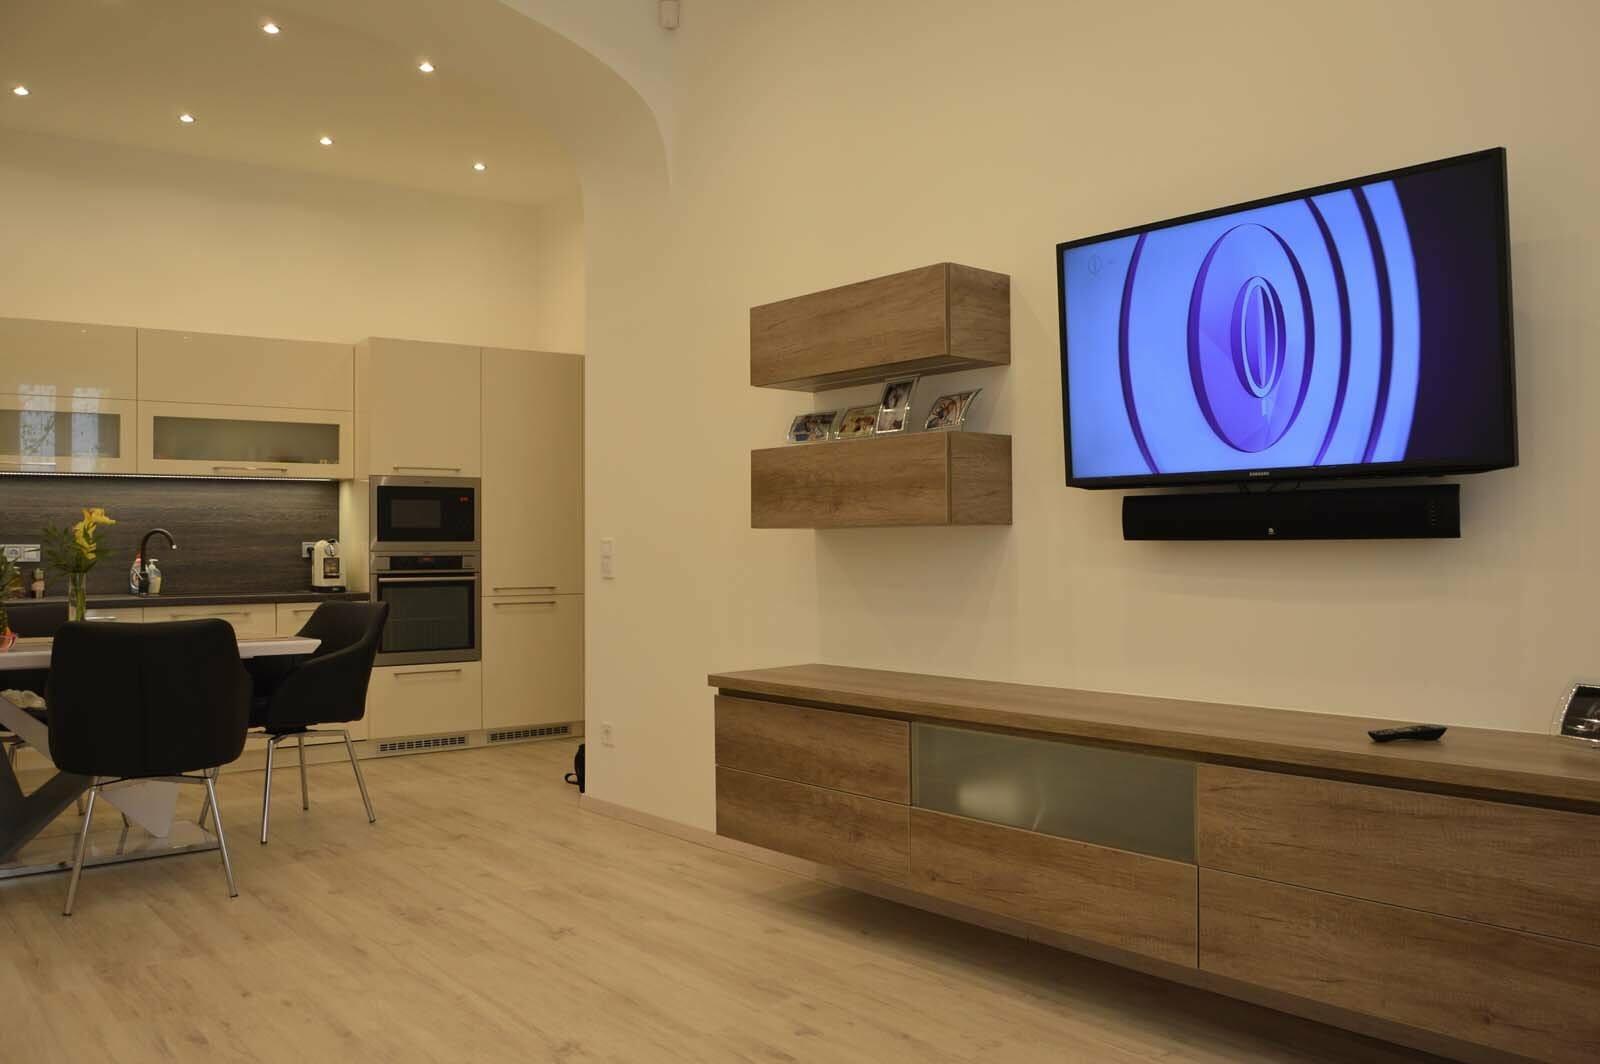 Egyedi nappali bútor késztés lebegő fiókos szekrénnyel üveg előlapos médiarésszel konyhabútorral egy légtérbe amerikai kivitelbe